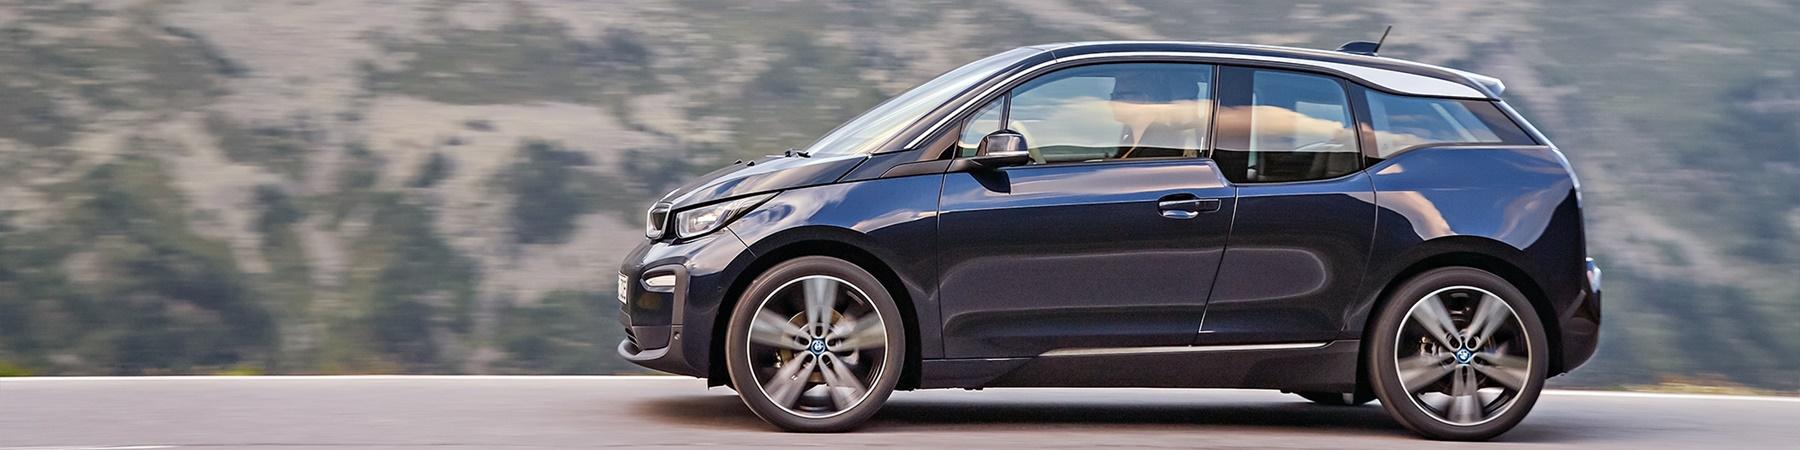 BMW i3 42.2kWh 217 km actieradius